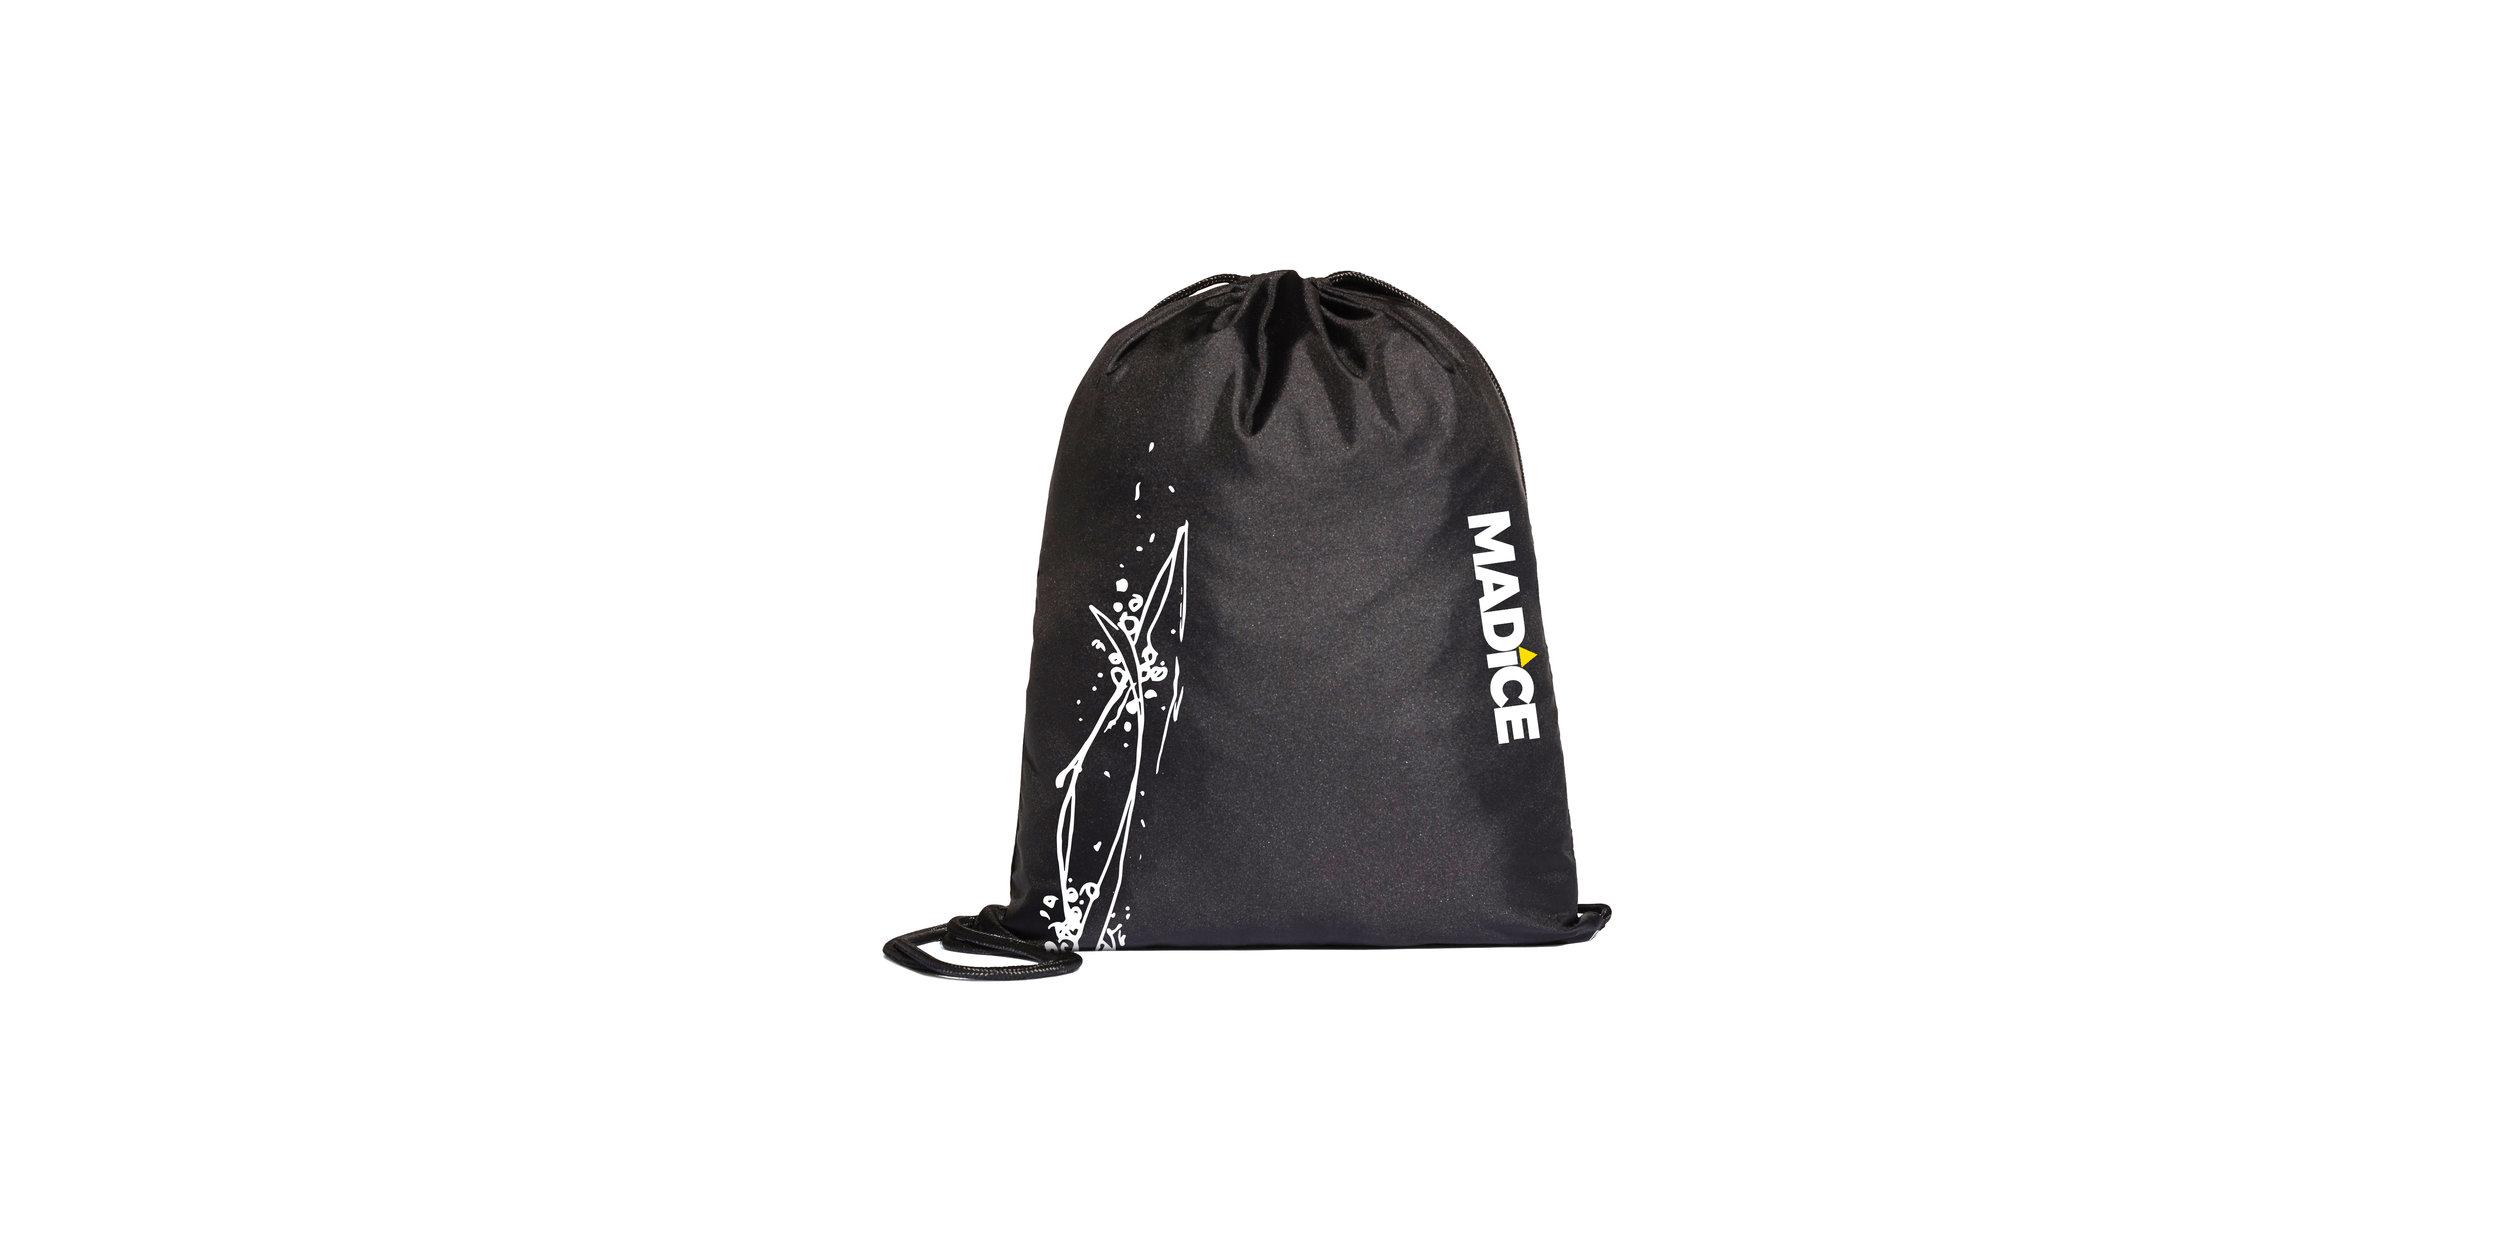 athletic bag black_1.jpg